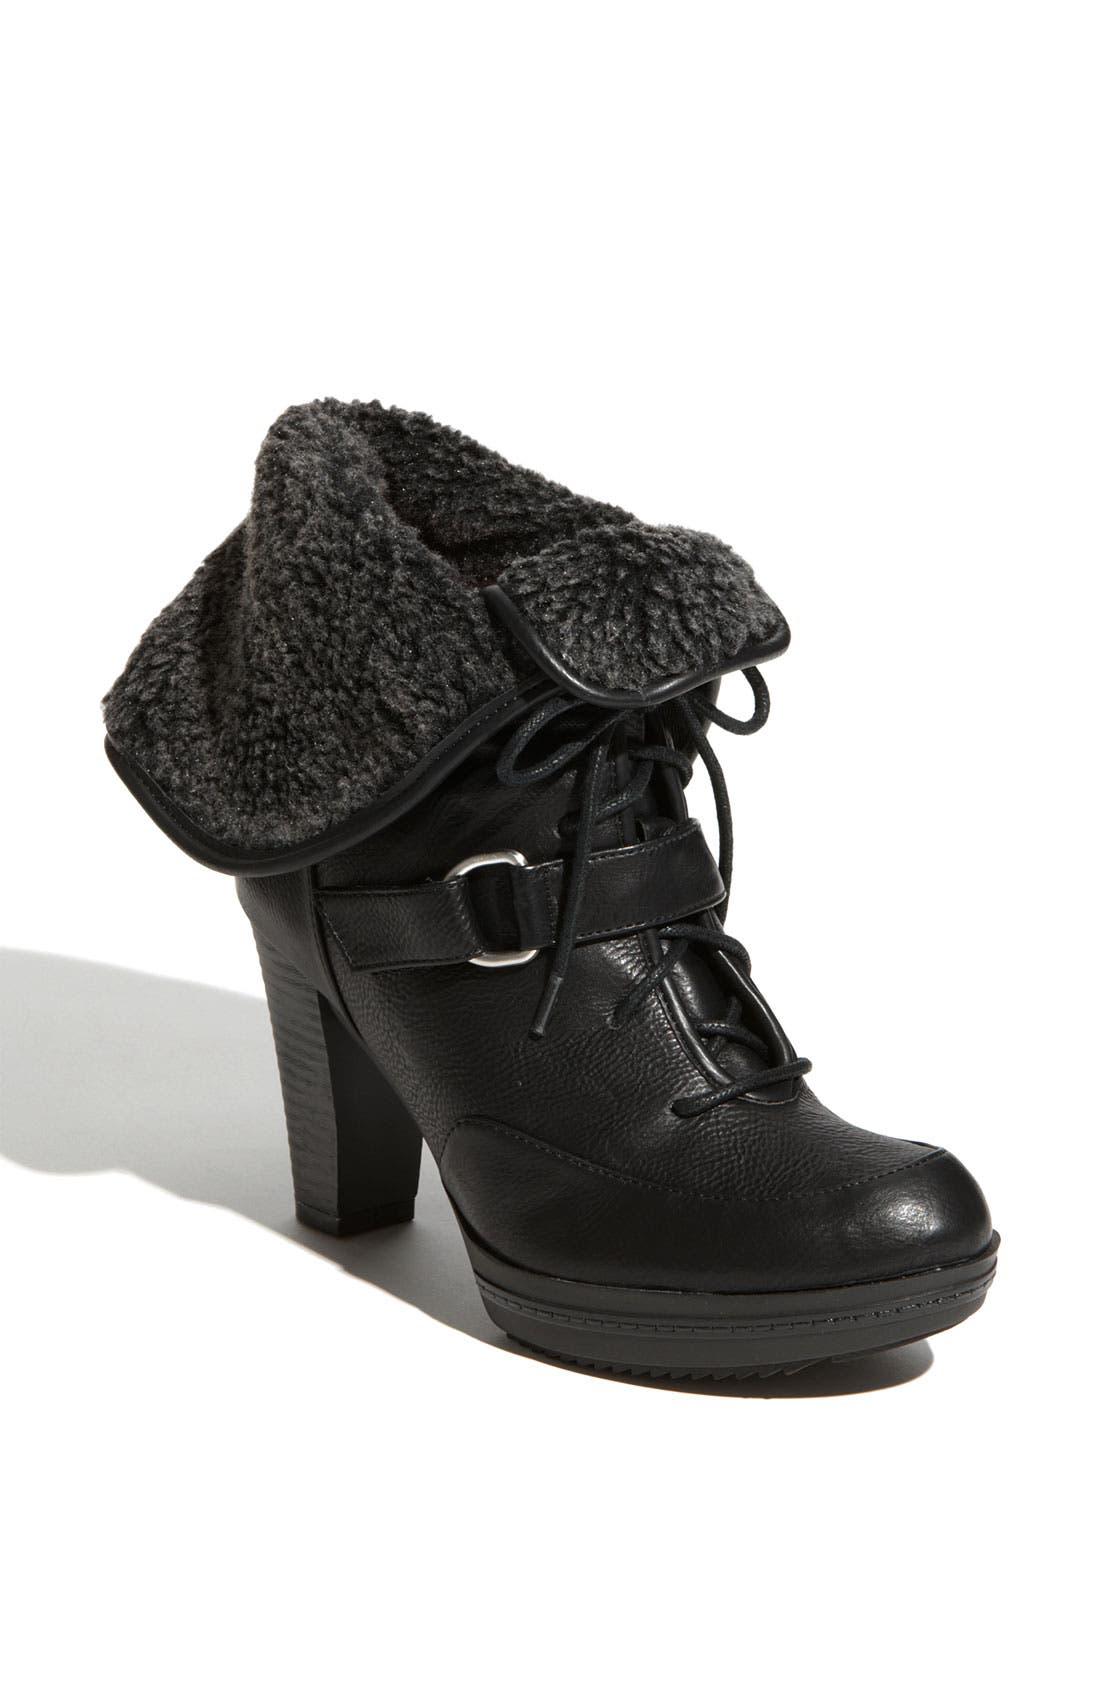 Main Image - Naturalizer 'Tyla' Boot